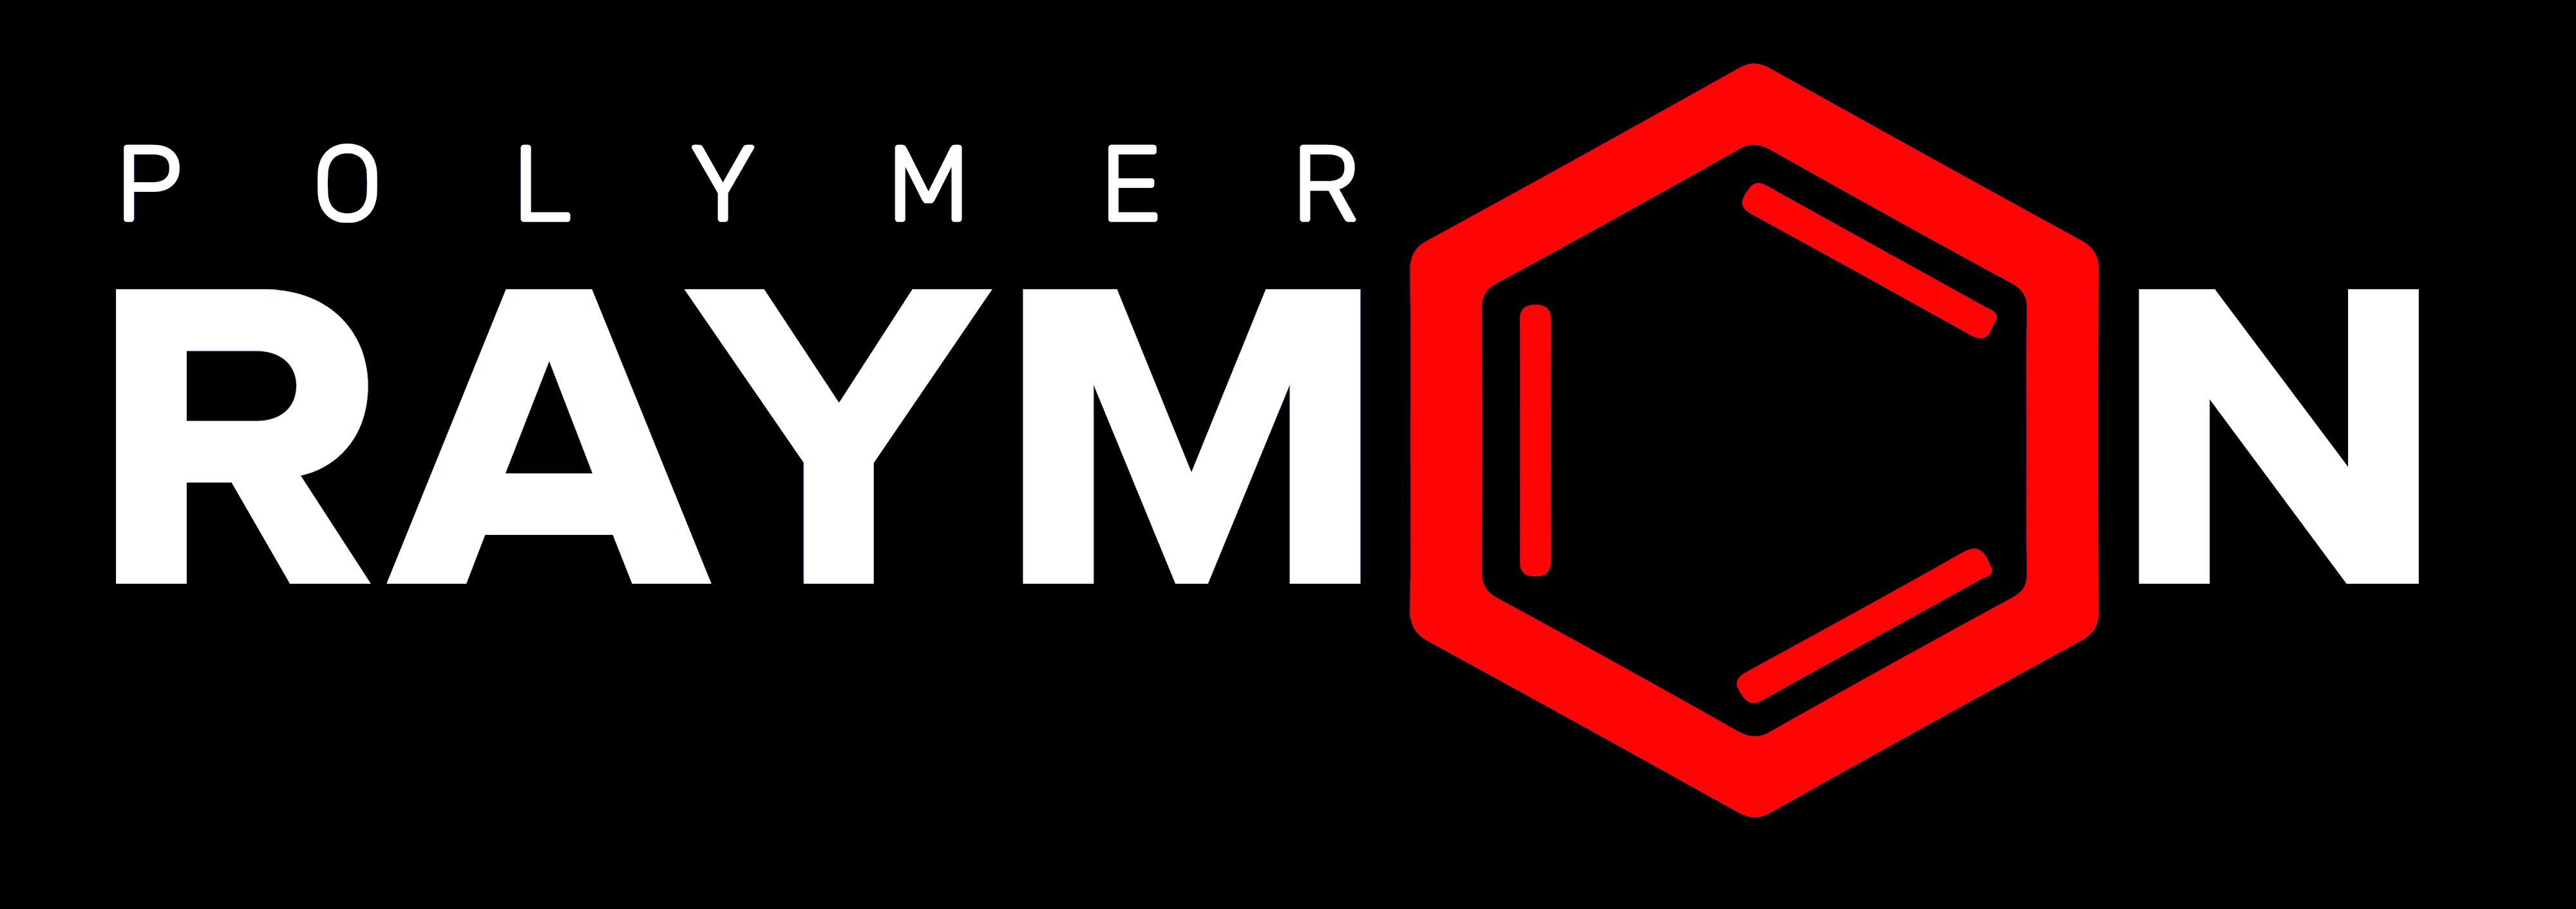 رایمون پلیمر